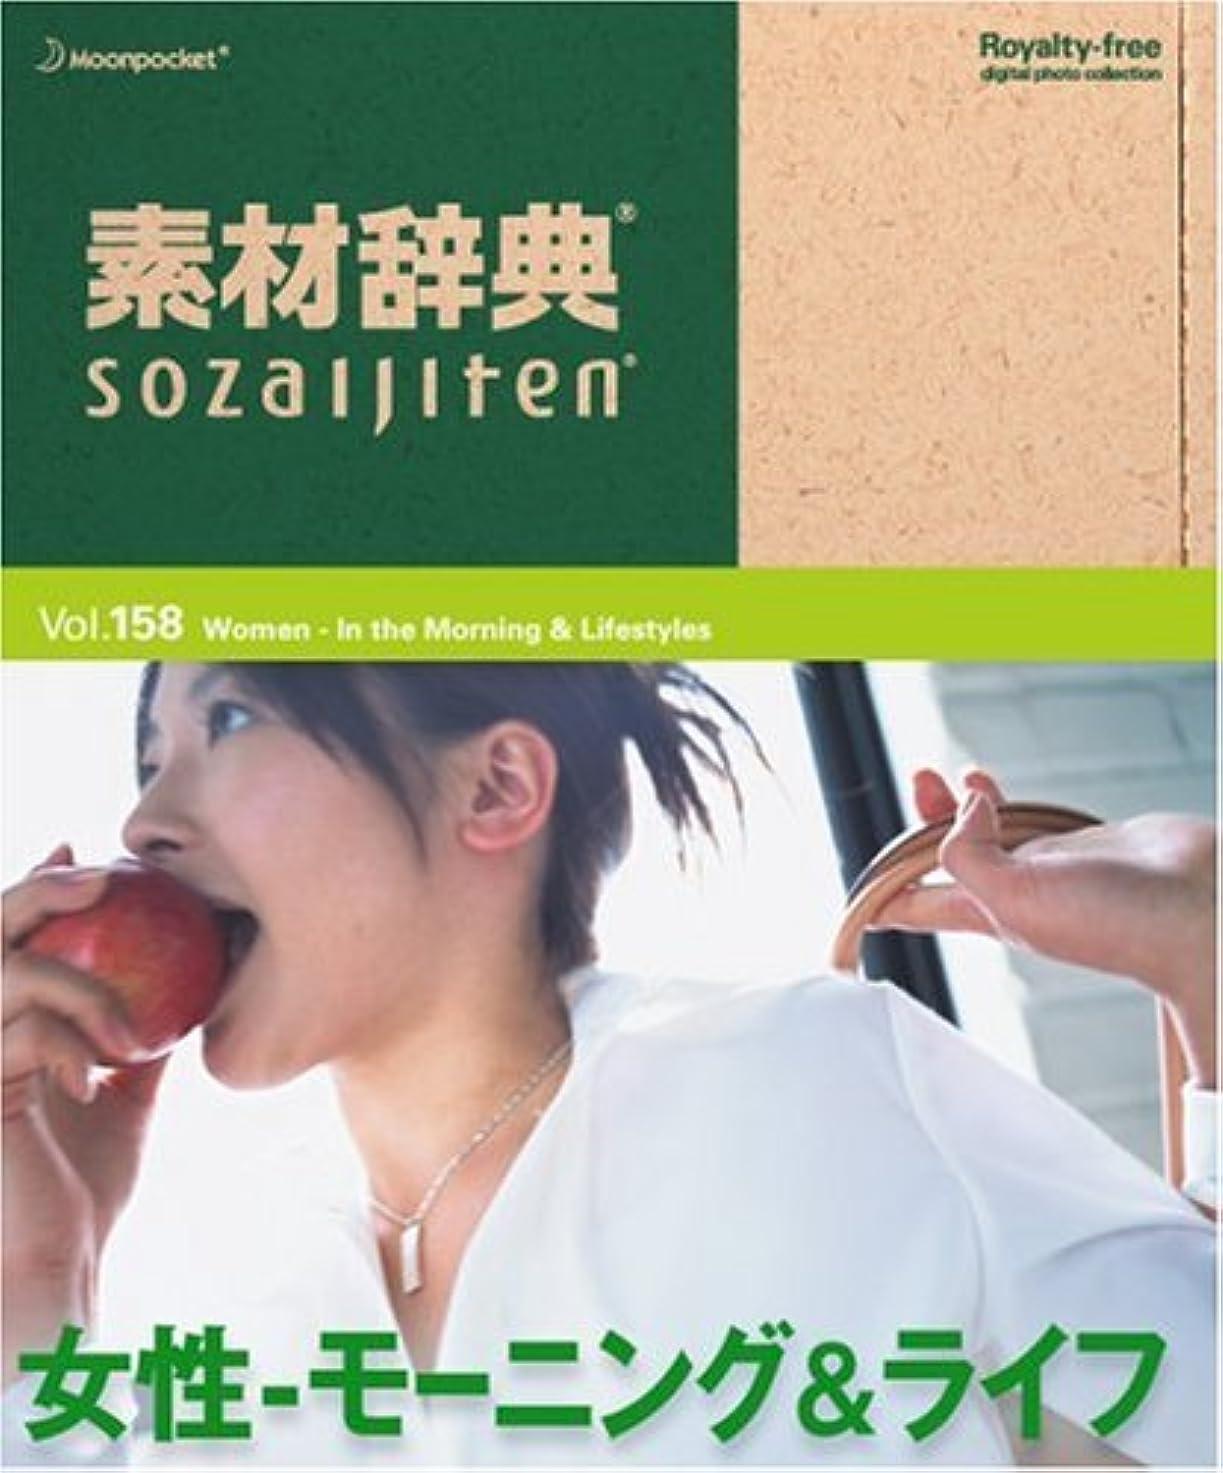 試みる認知素材辞典 Vol.158 女性~モーニング&ライフ編